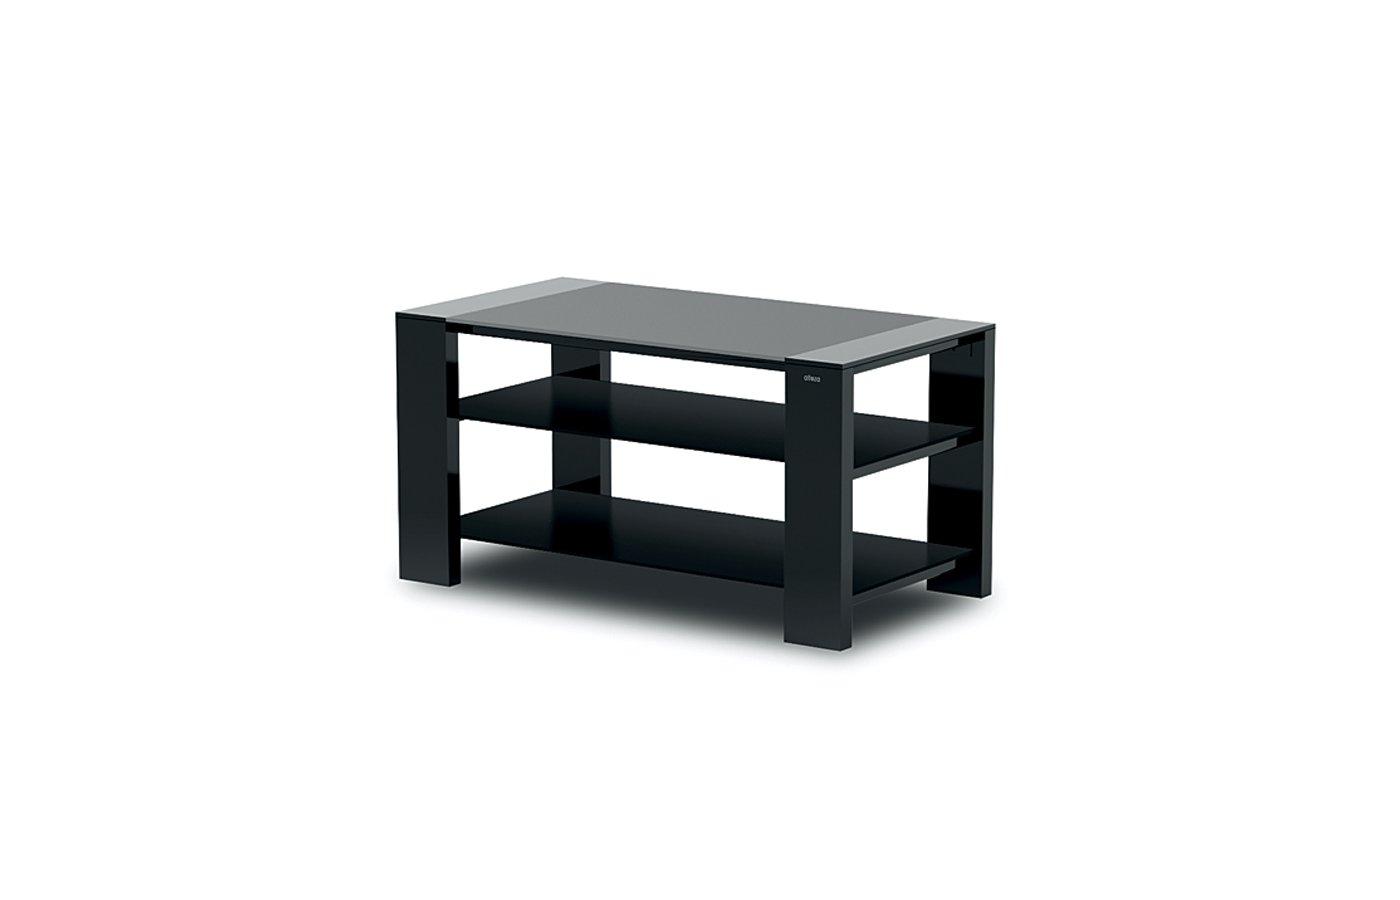 Телемебель Holder TV-2783 черный матовый+черн. стекло